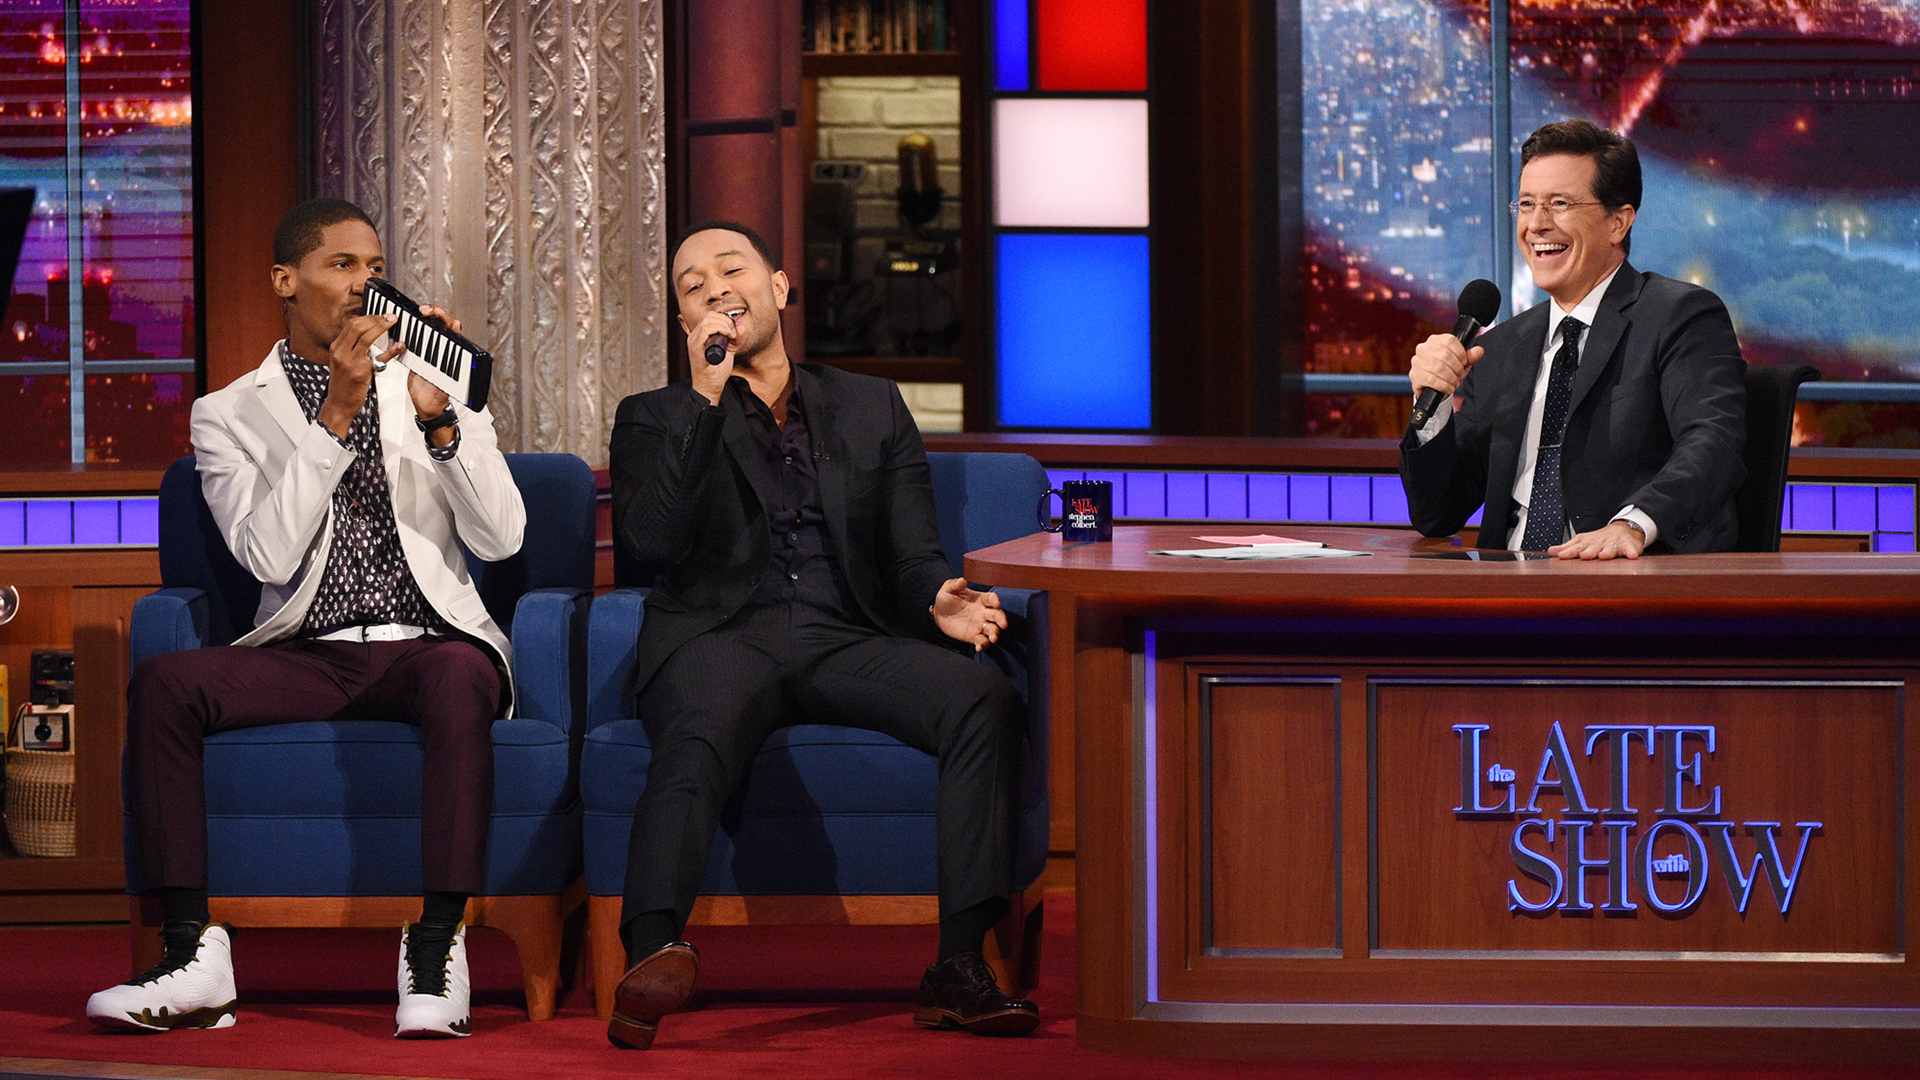 John Legend, Jon Batiste, and Stephen Colbert